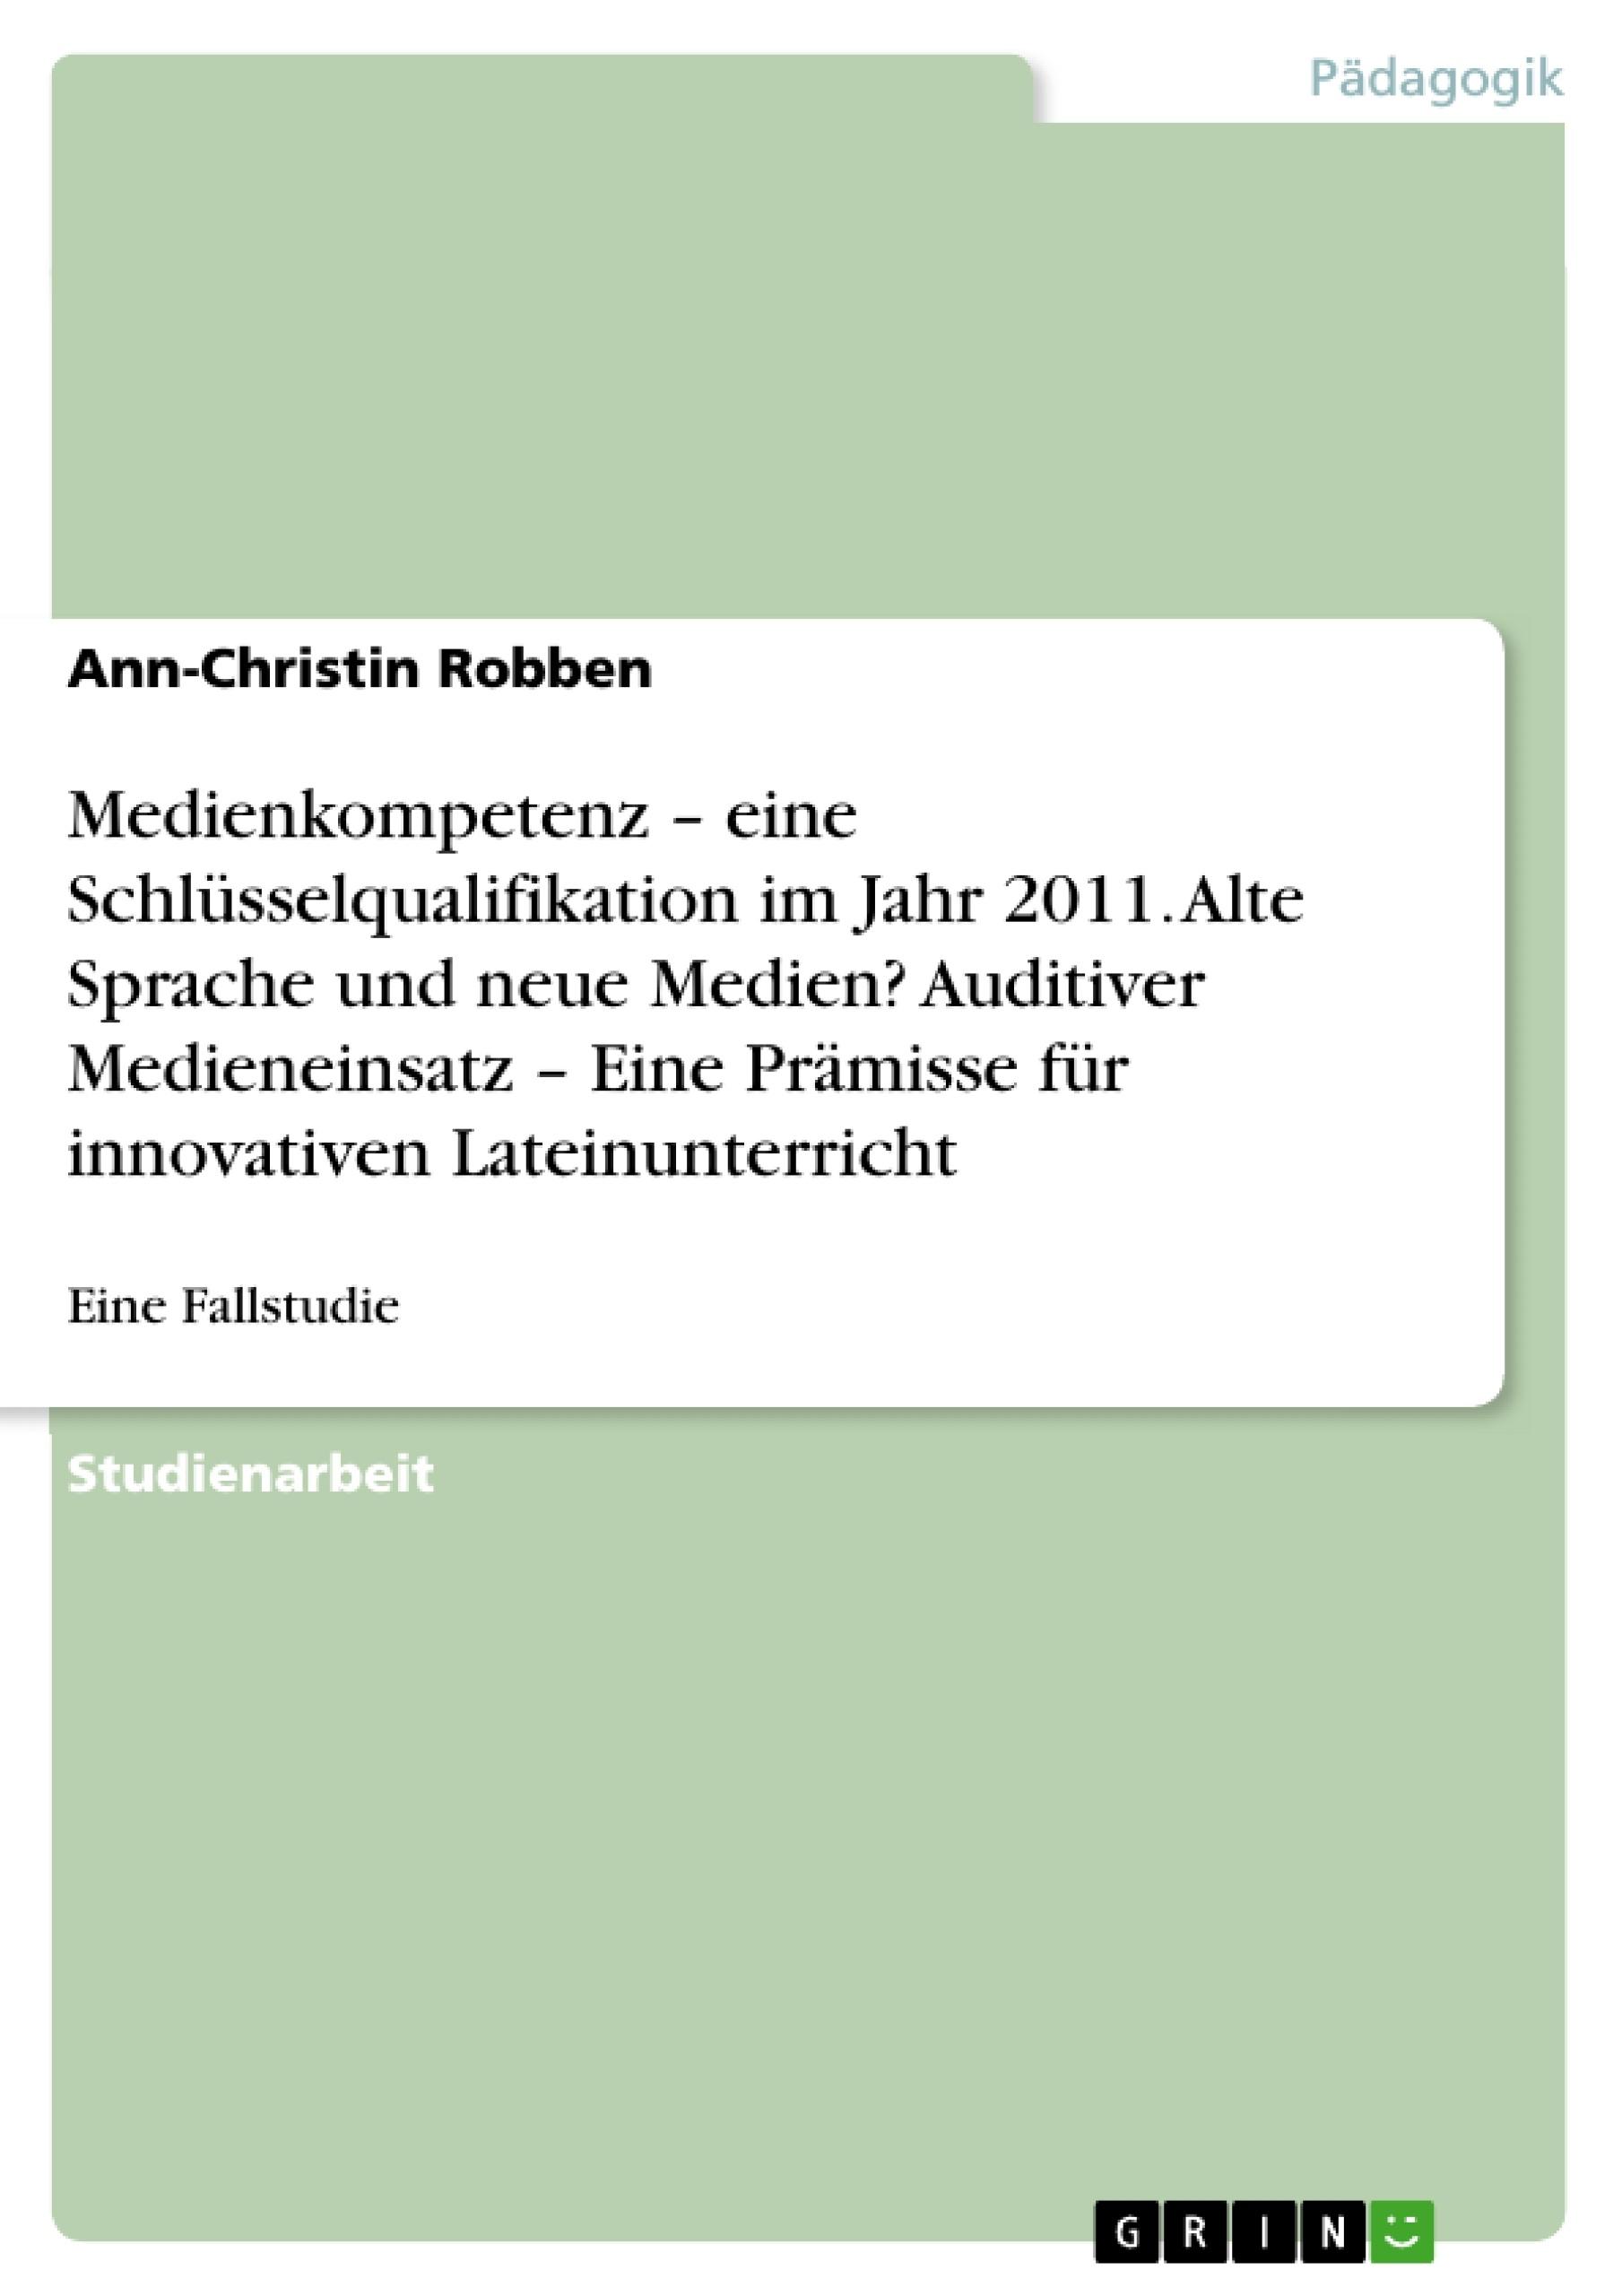 Titel: Medienkompetenz – eine Schlüsselqualifikation im Jahr 2011. Alte Sprache und neue Medien? Auditiver Medieneinsatz – Eine Prämisse für innovativen Lateinunterricht